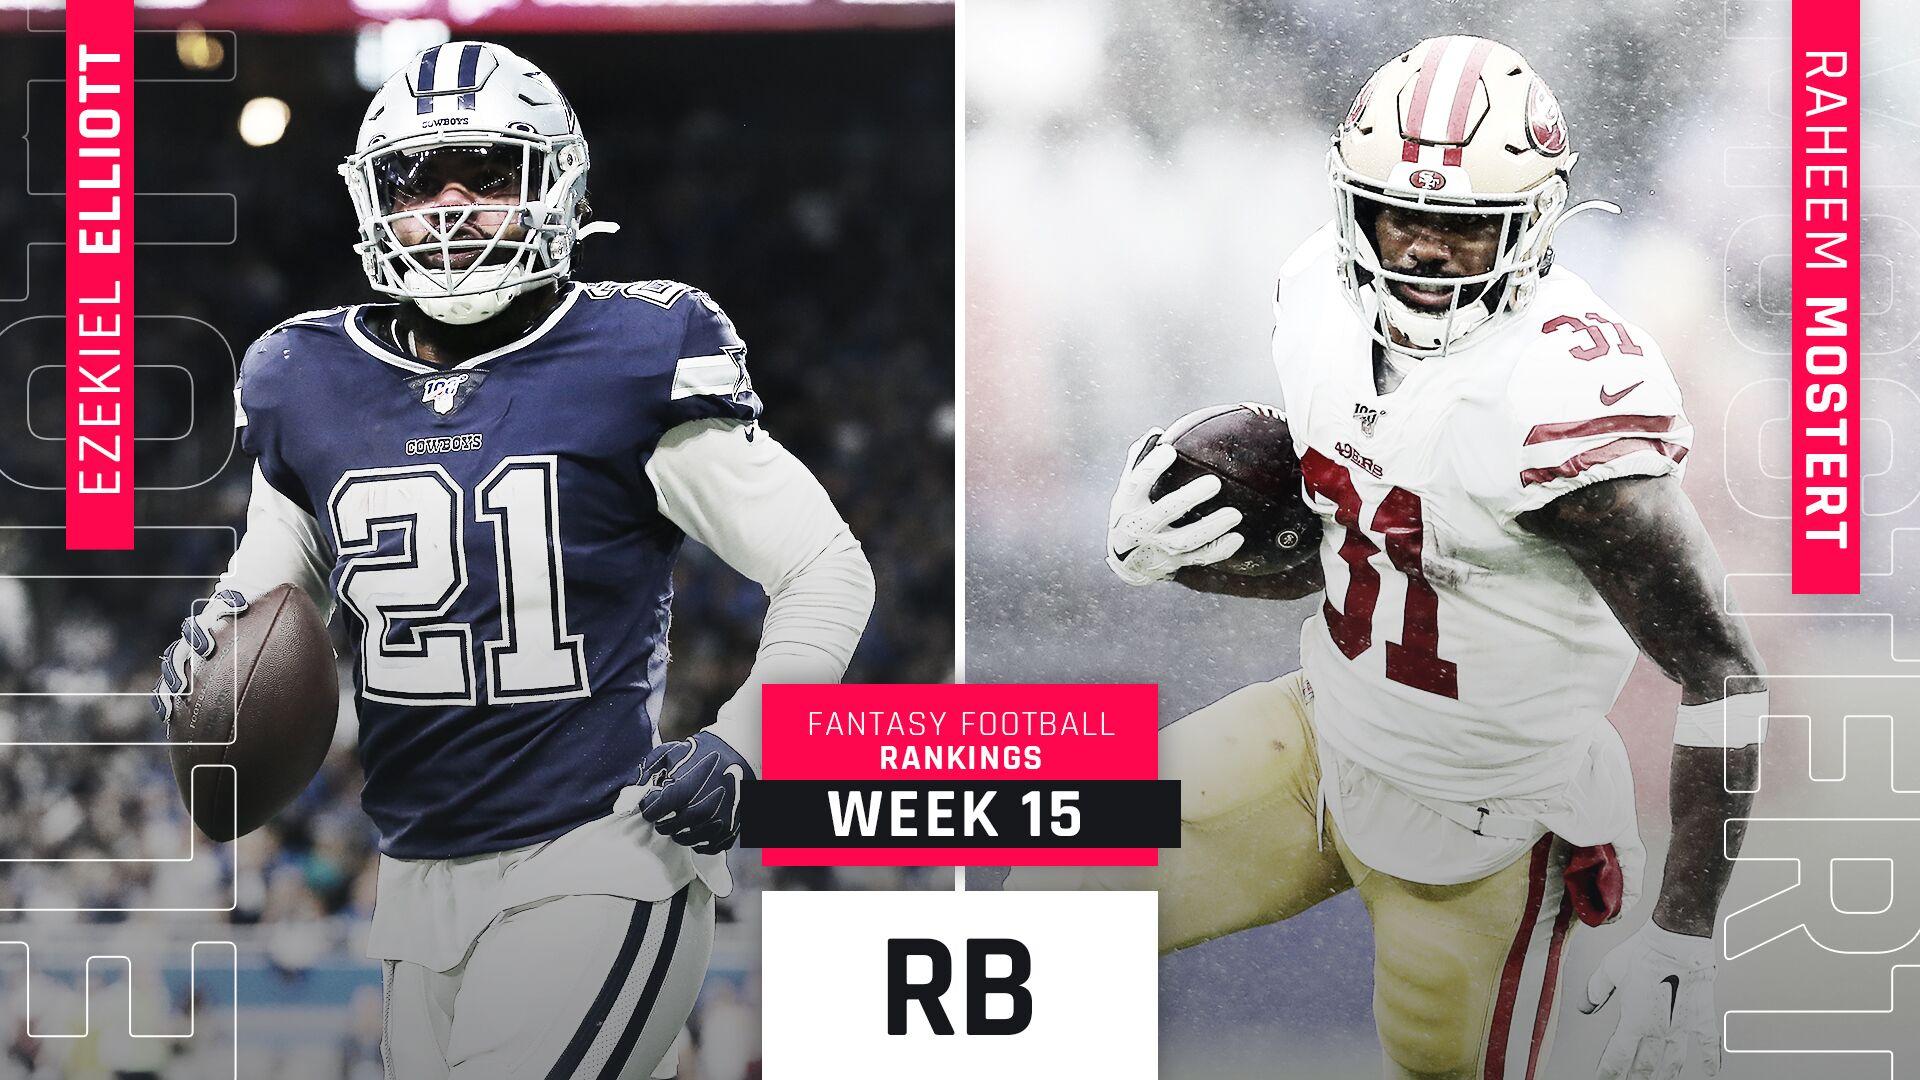 Clasificación de la Semana 15 de Fantasy RB: Todd Gurley y Raheem Mostert avanzan durante los playoffs de fantasía 11